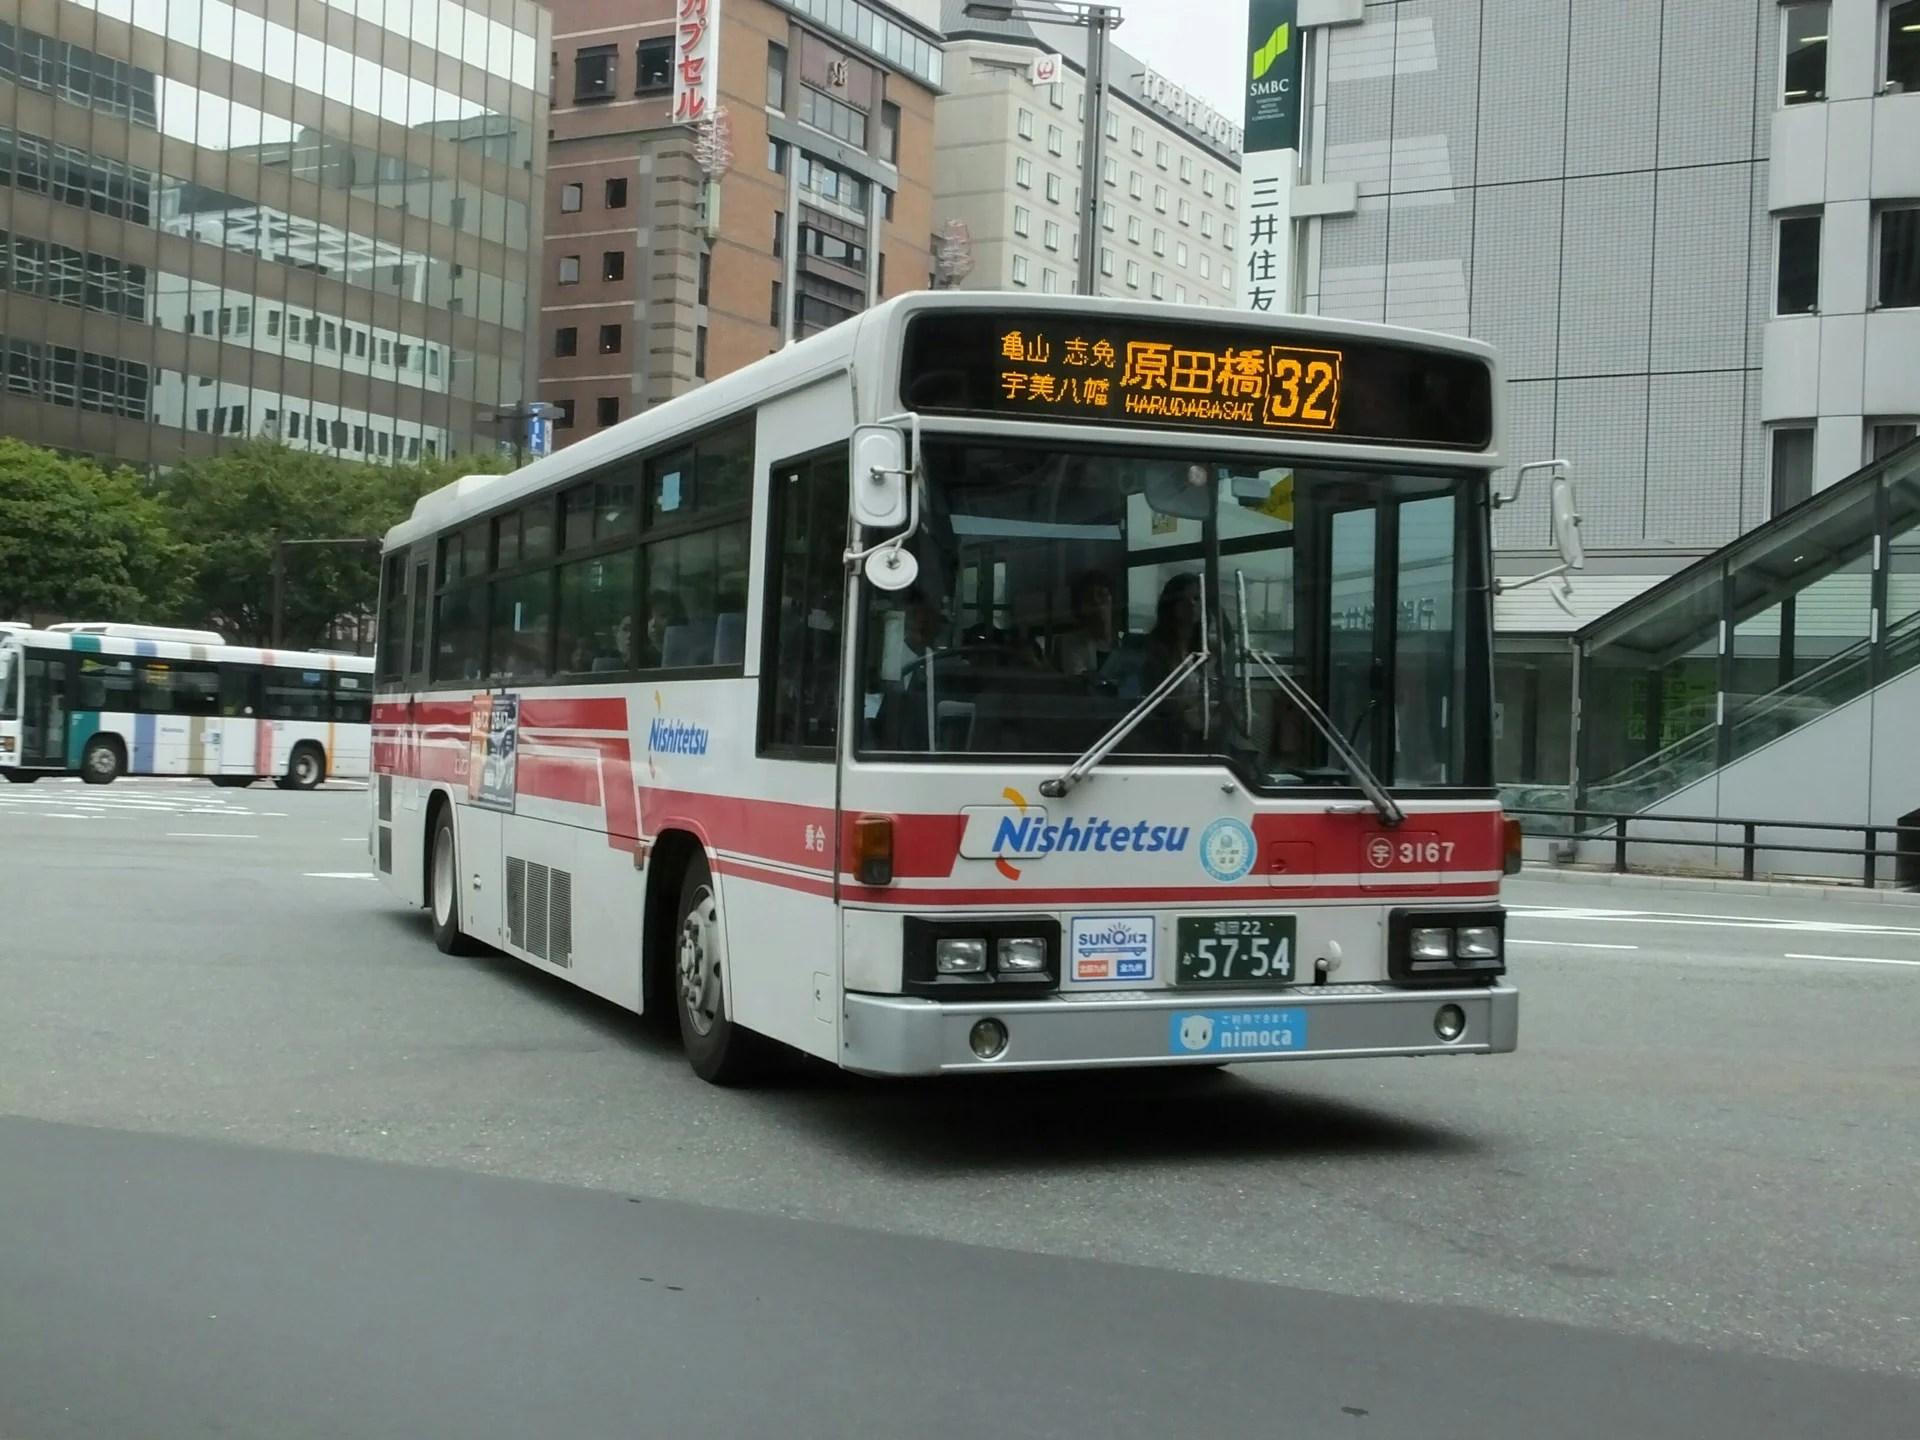 「西鉄バス58MC」のブログ記事一覧(3ページ目)-局長の気ままなブログ